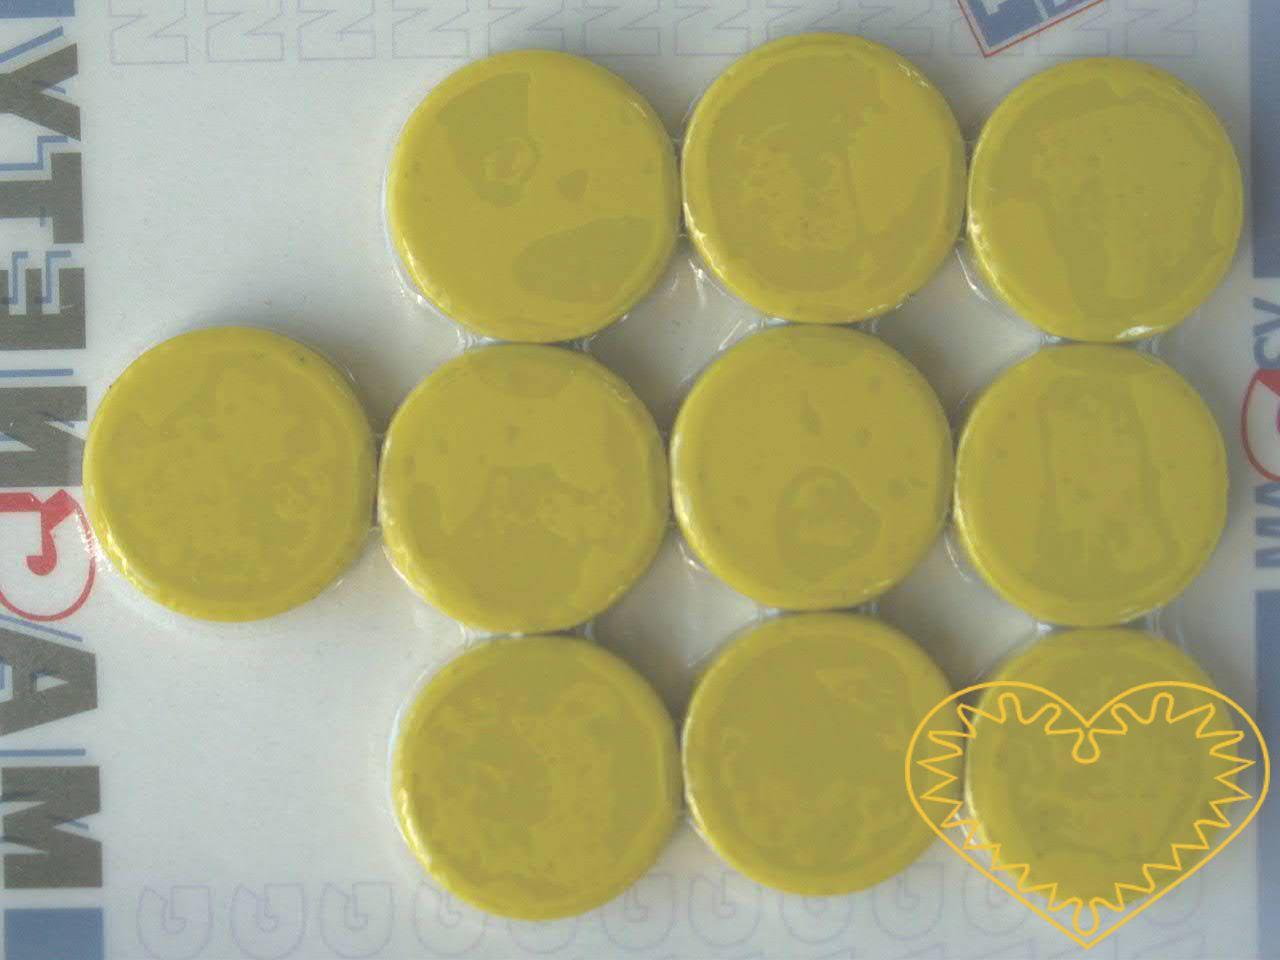 Sada 10 kusů žlutých kulatých magnetů Ø 2 cm. Vhodné na magnetickou tabuli, nástěnku, flipchart či doma na lednici. Lze je využít jako základ pro tvorbu vlastních originálních magnetů.